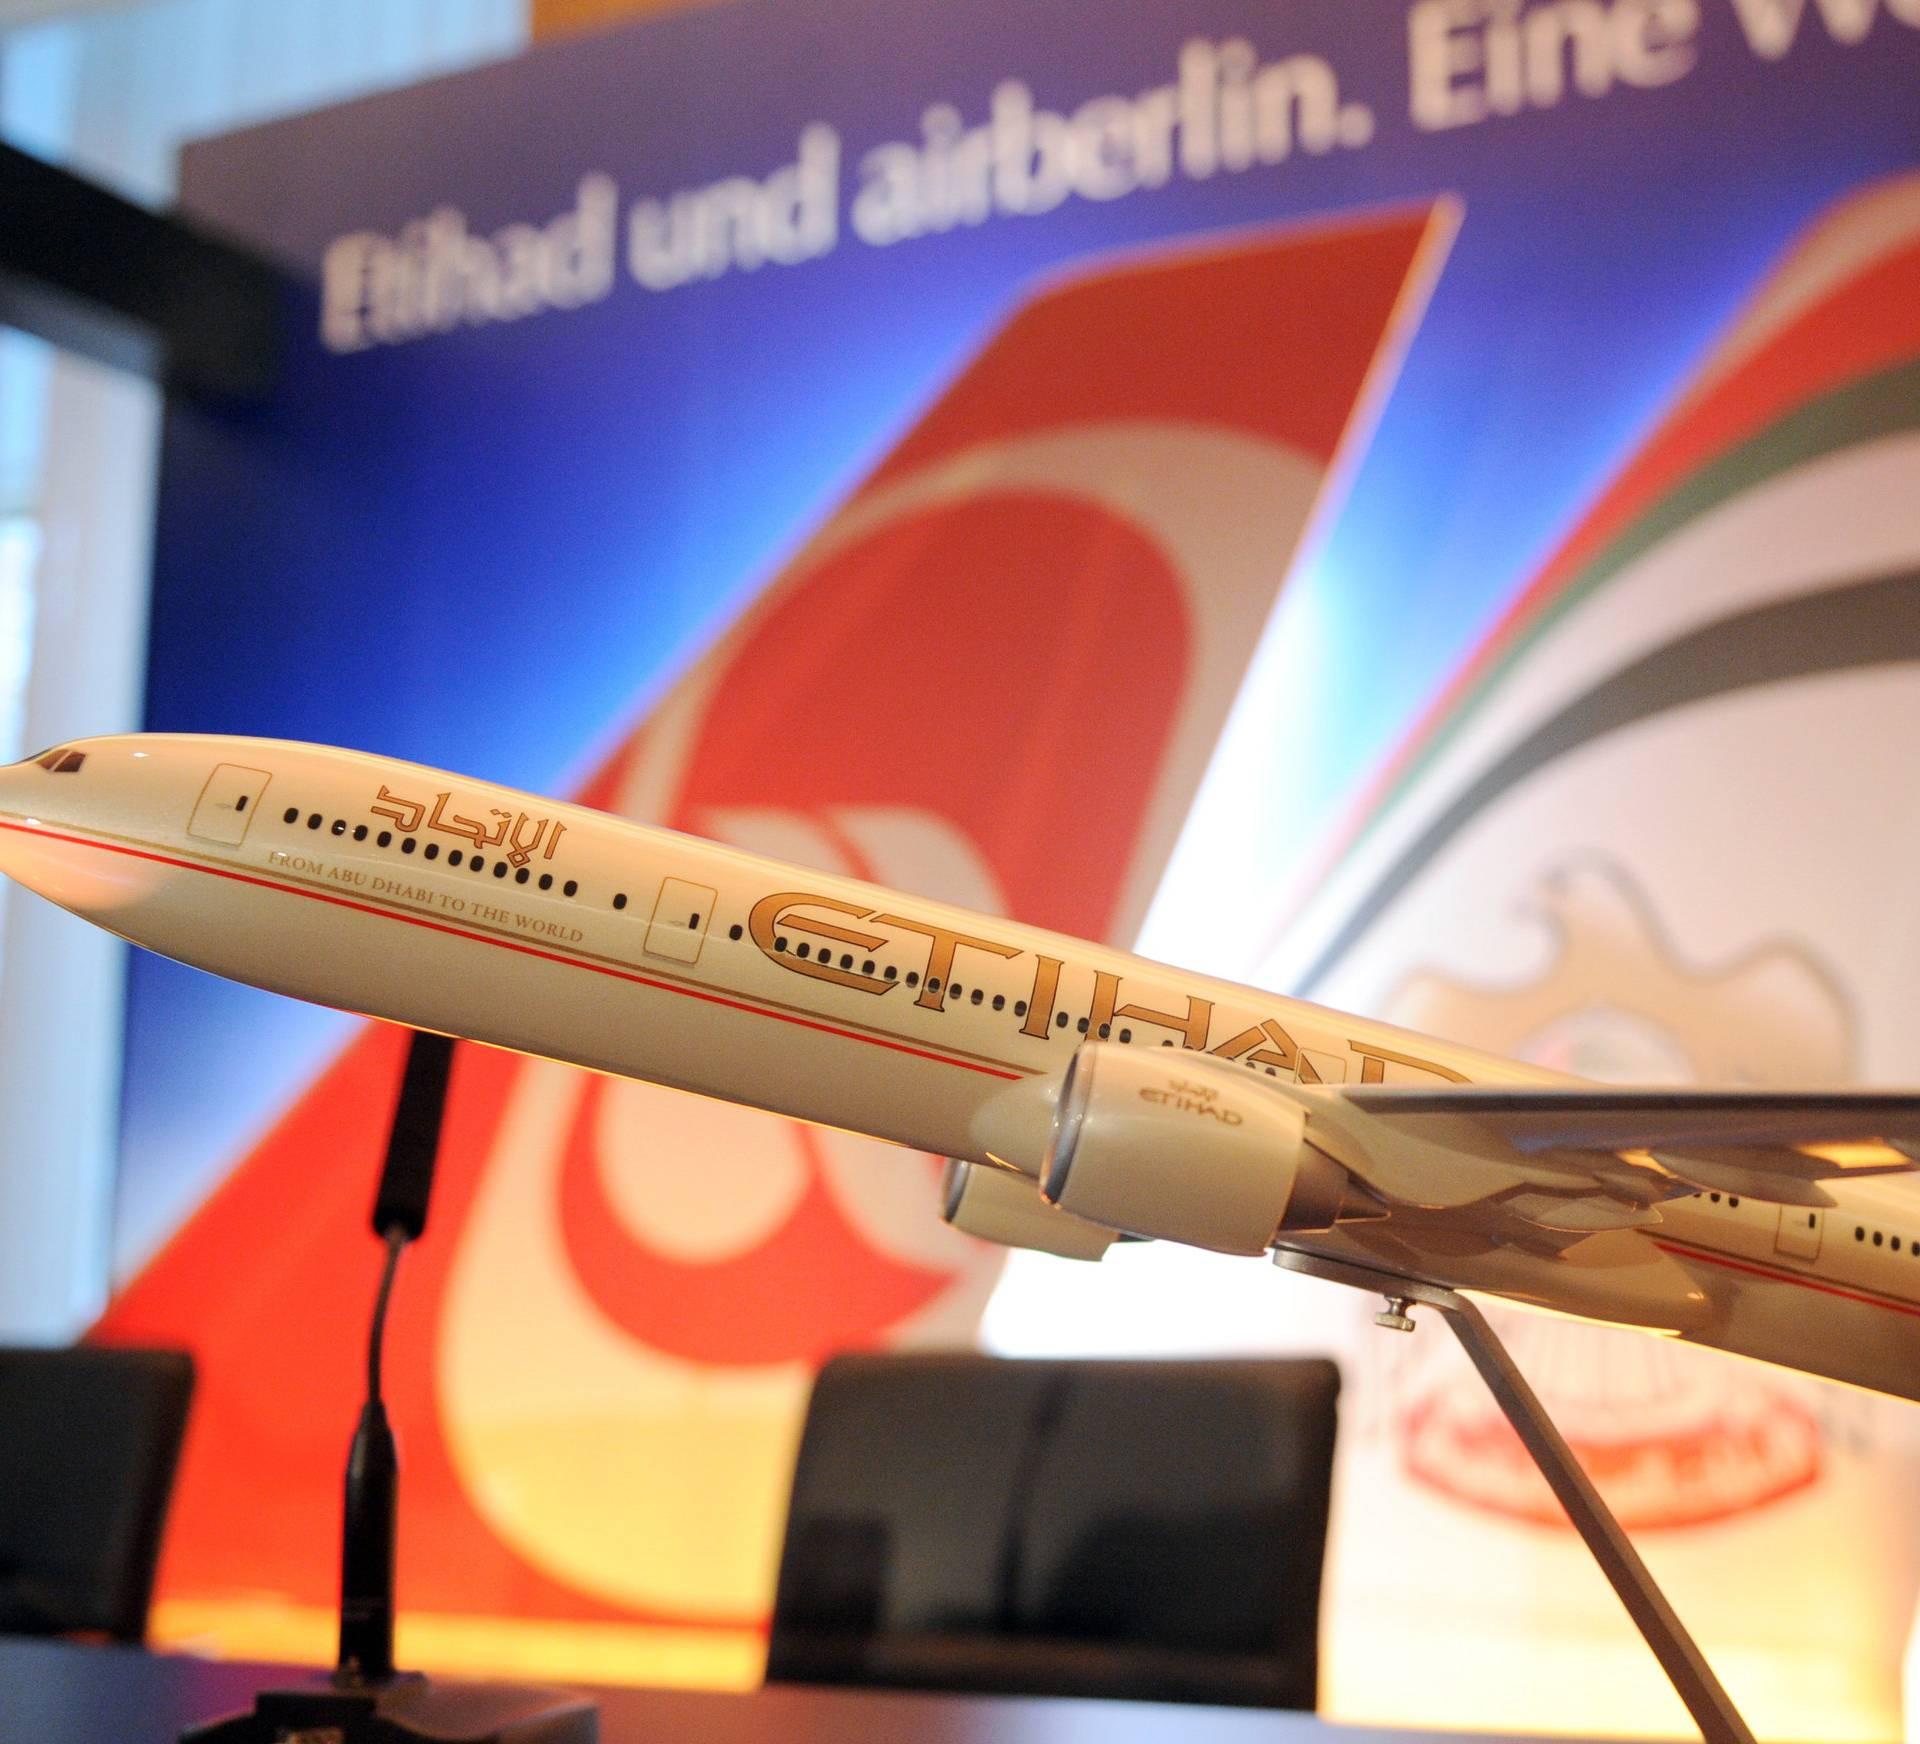 Etihad raises stake in Air Berlin